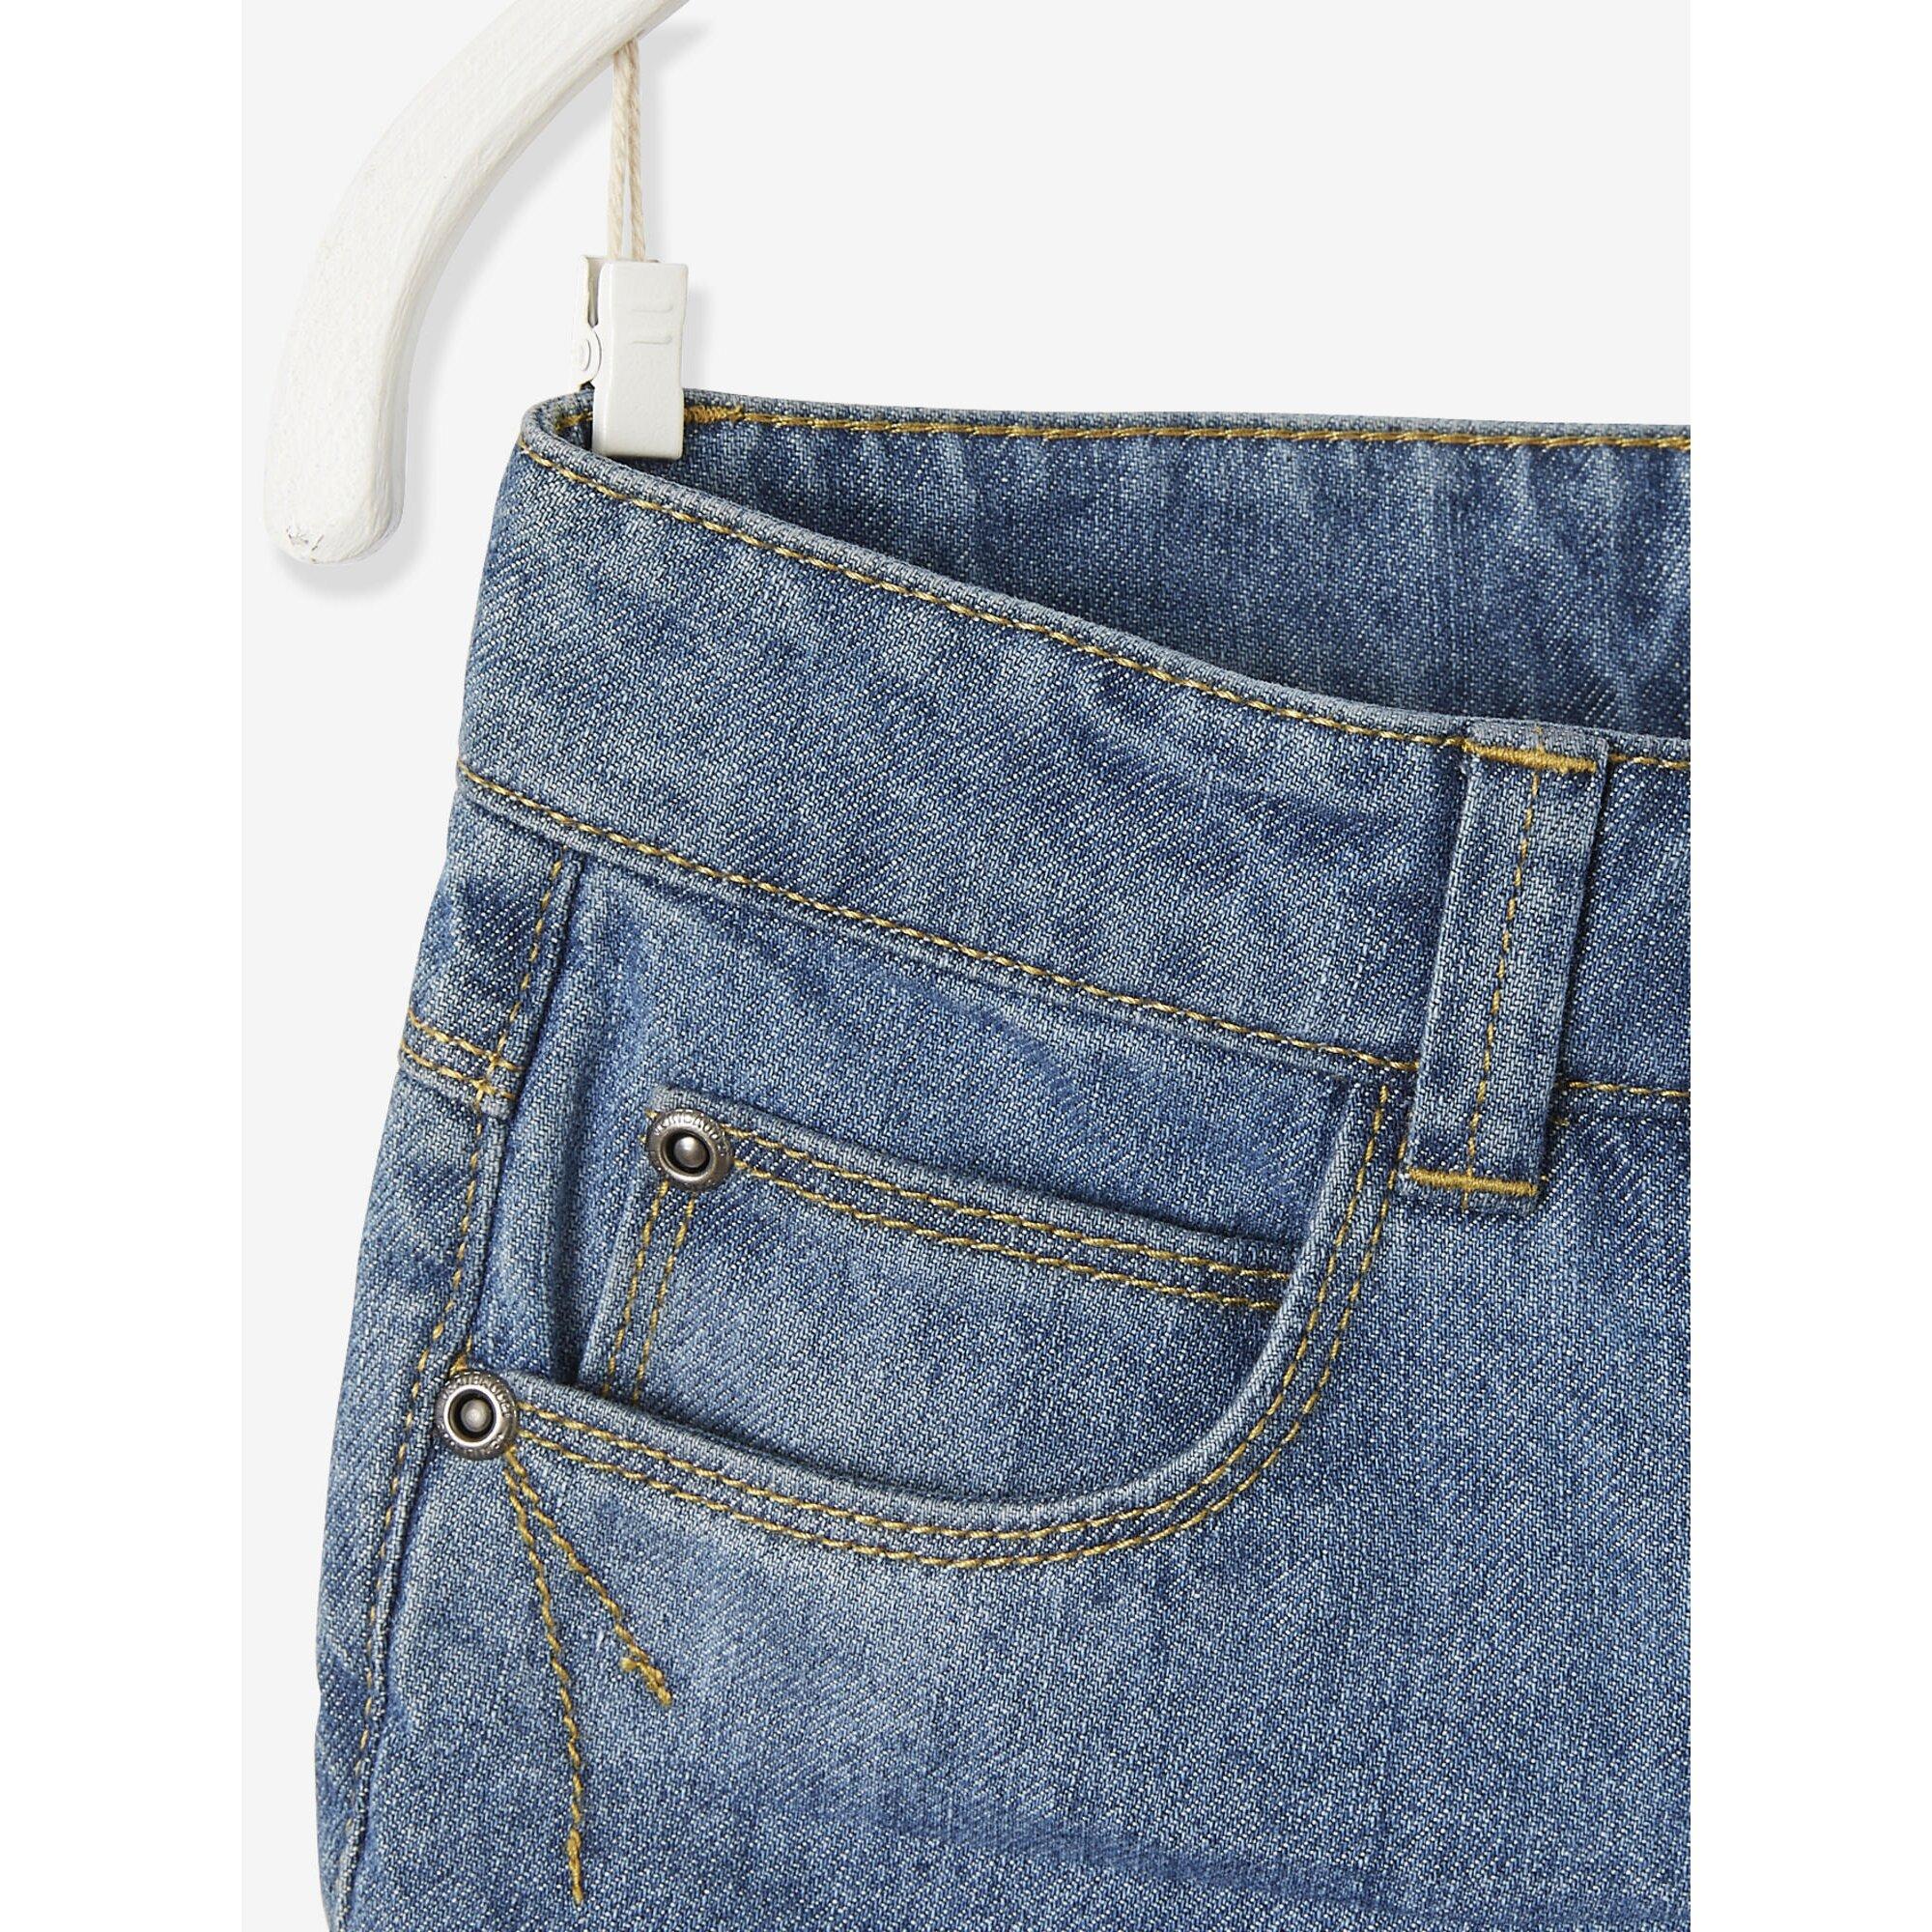 vertbaudet-jeansshorts-fur-madchen